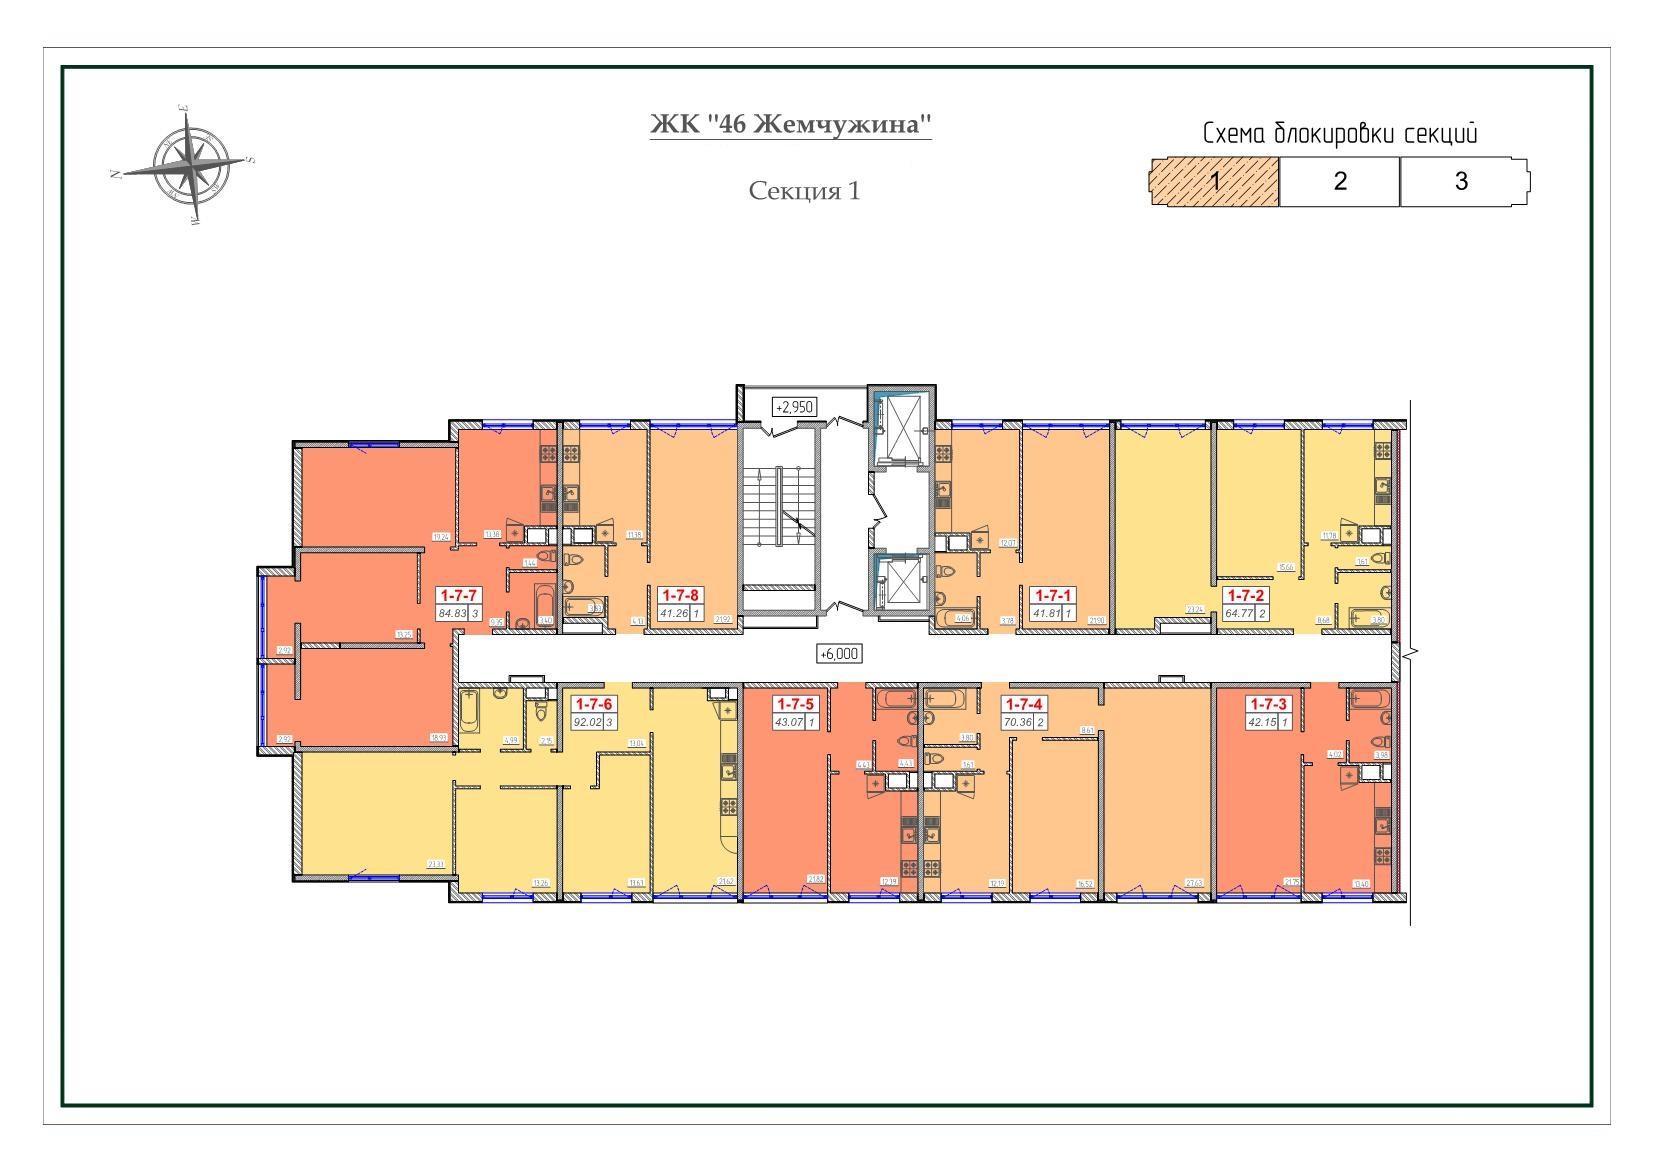 ЖК 46 Жемчужина / Секция 1 / План типового этажа